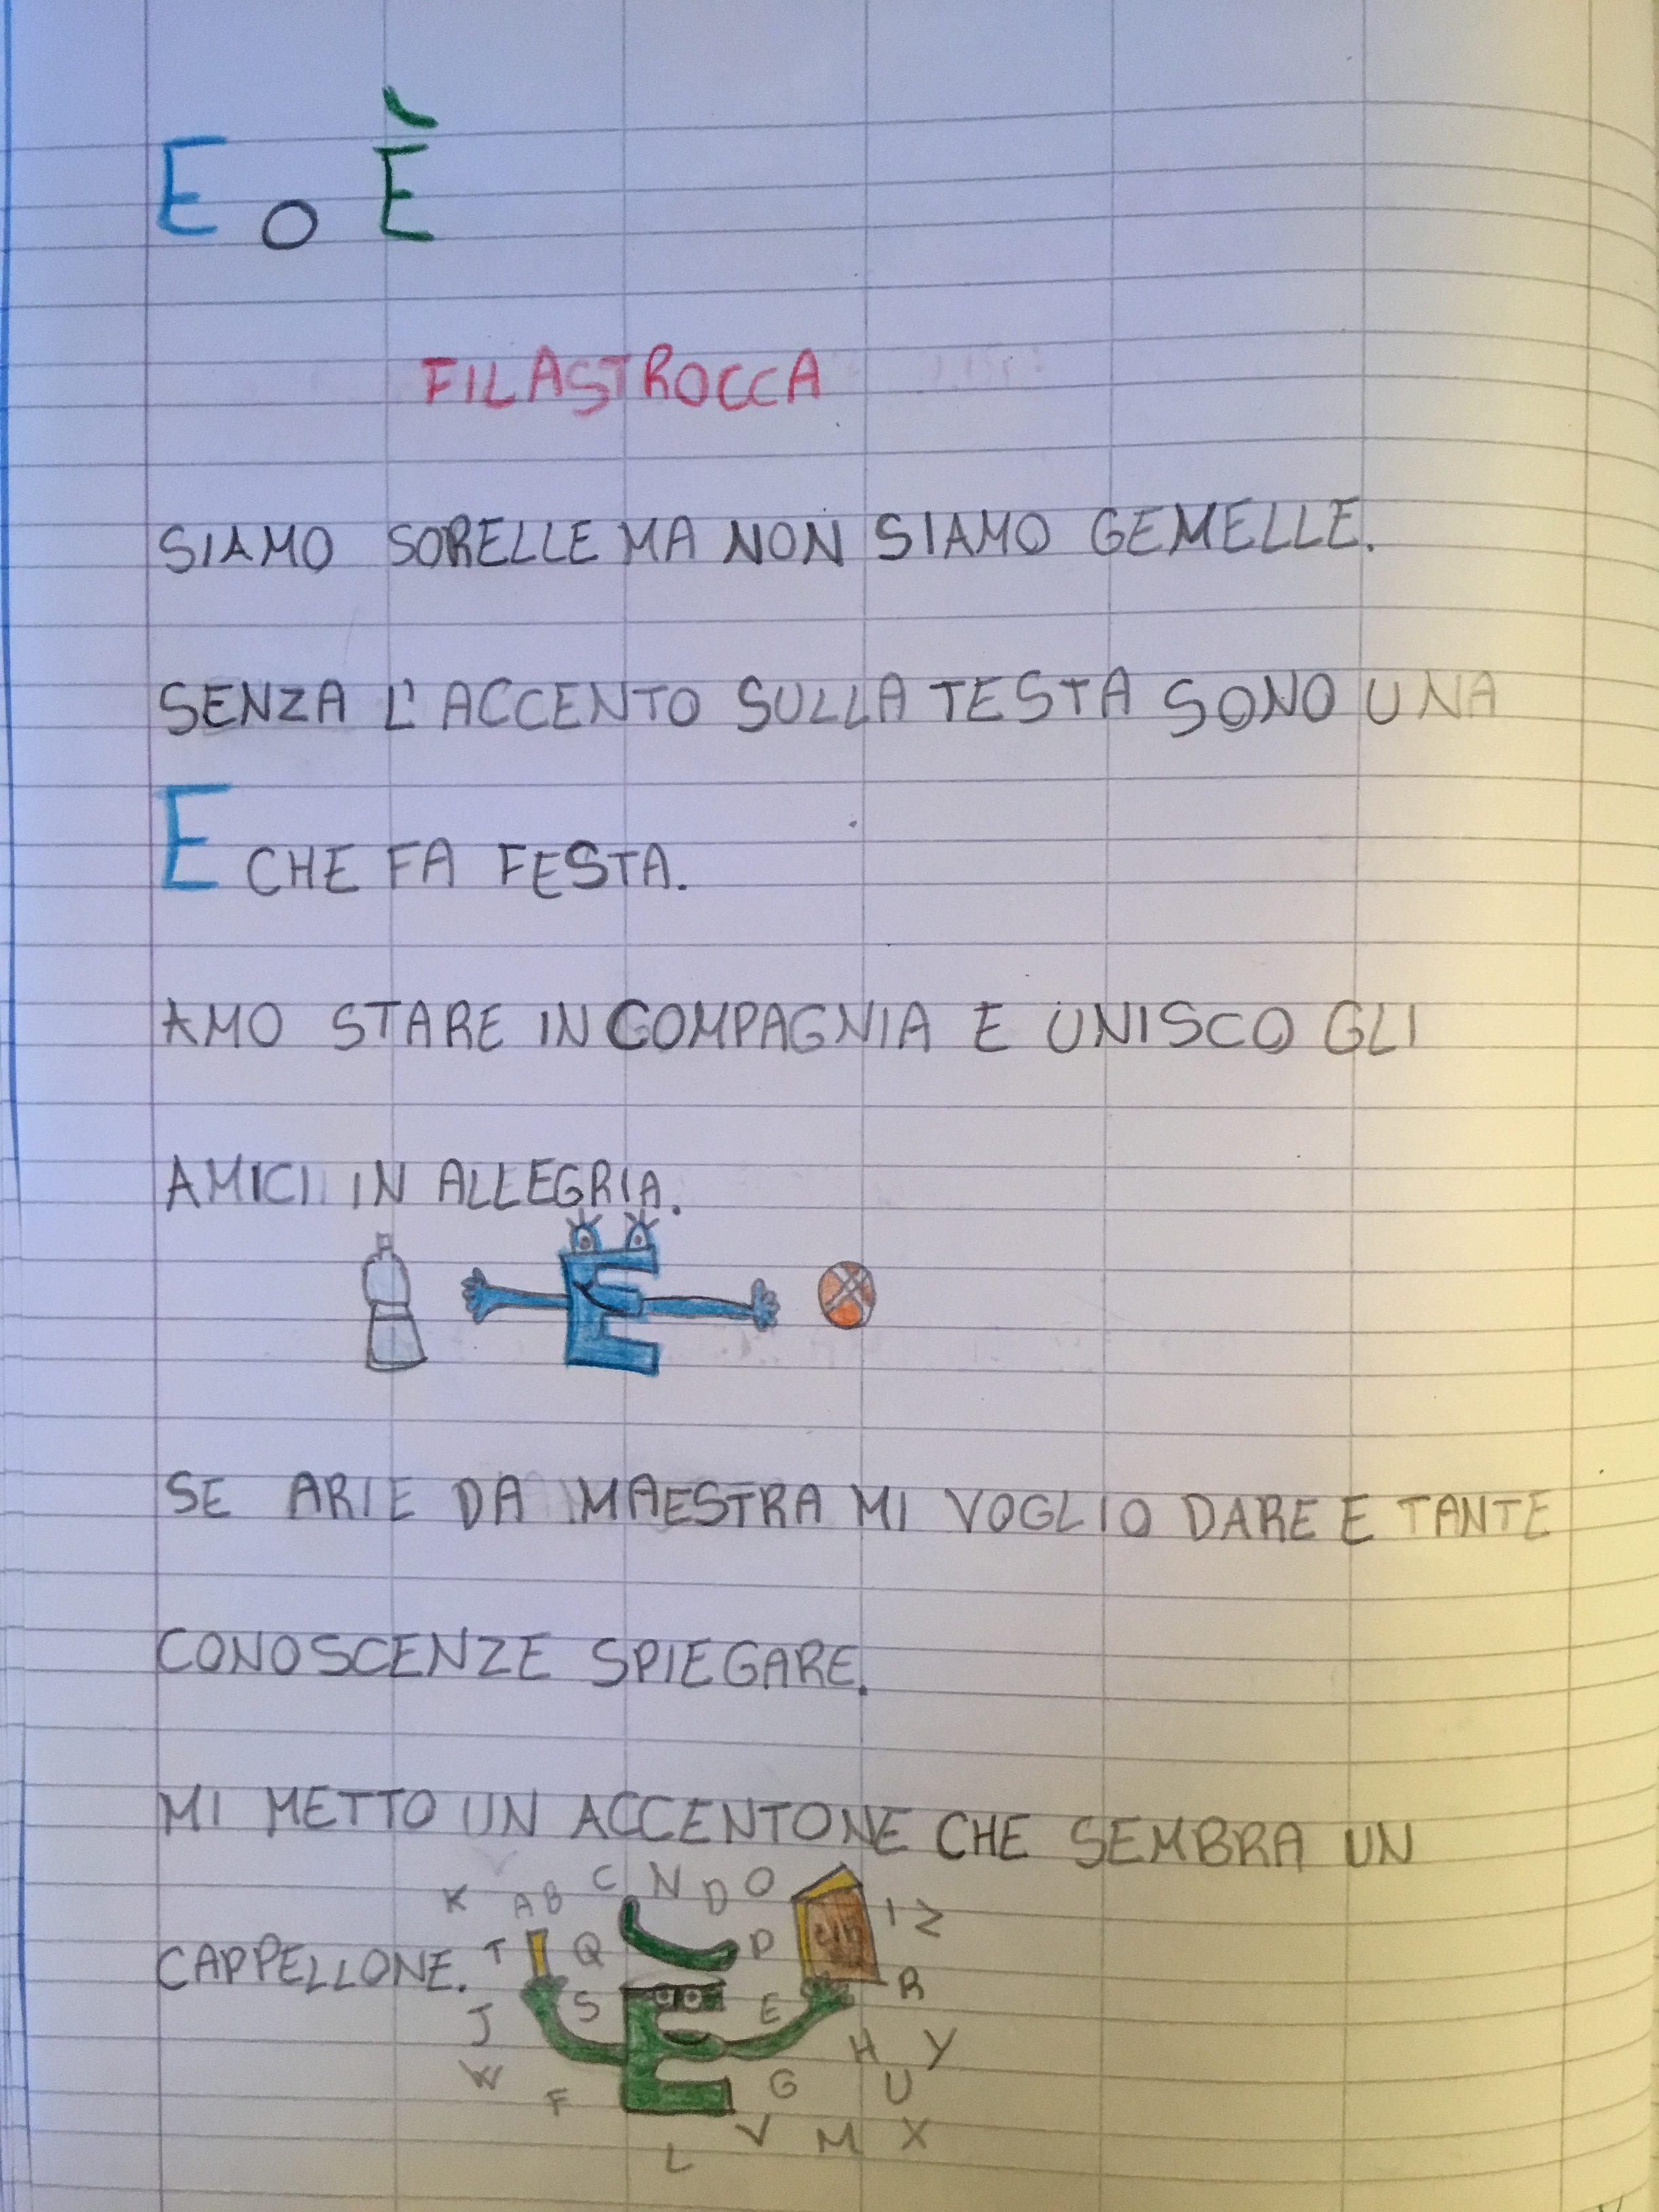 E Che Spiega E Che Unisce Blog Di Maestra Mile